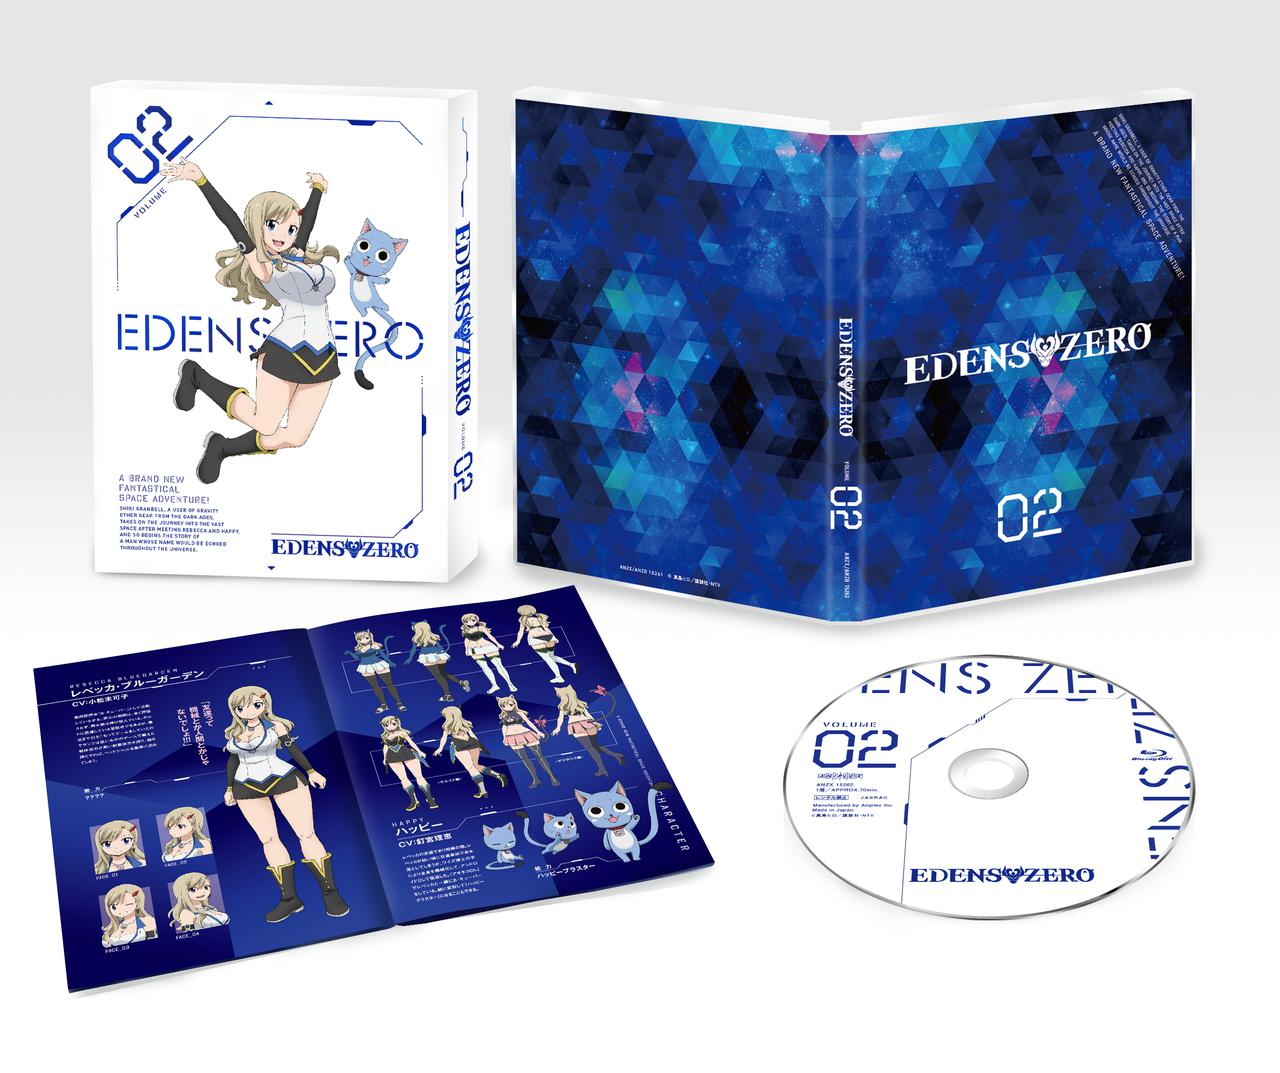 画像1: 『EDENS ZERO(エデンズゼロ)』パッケージ第2巻 9月8日(水)発売